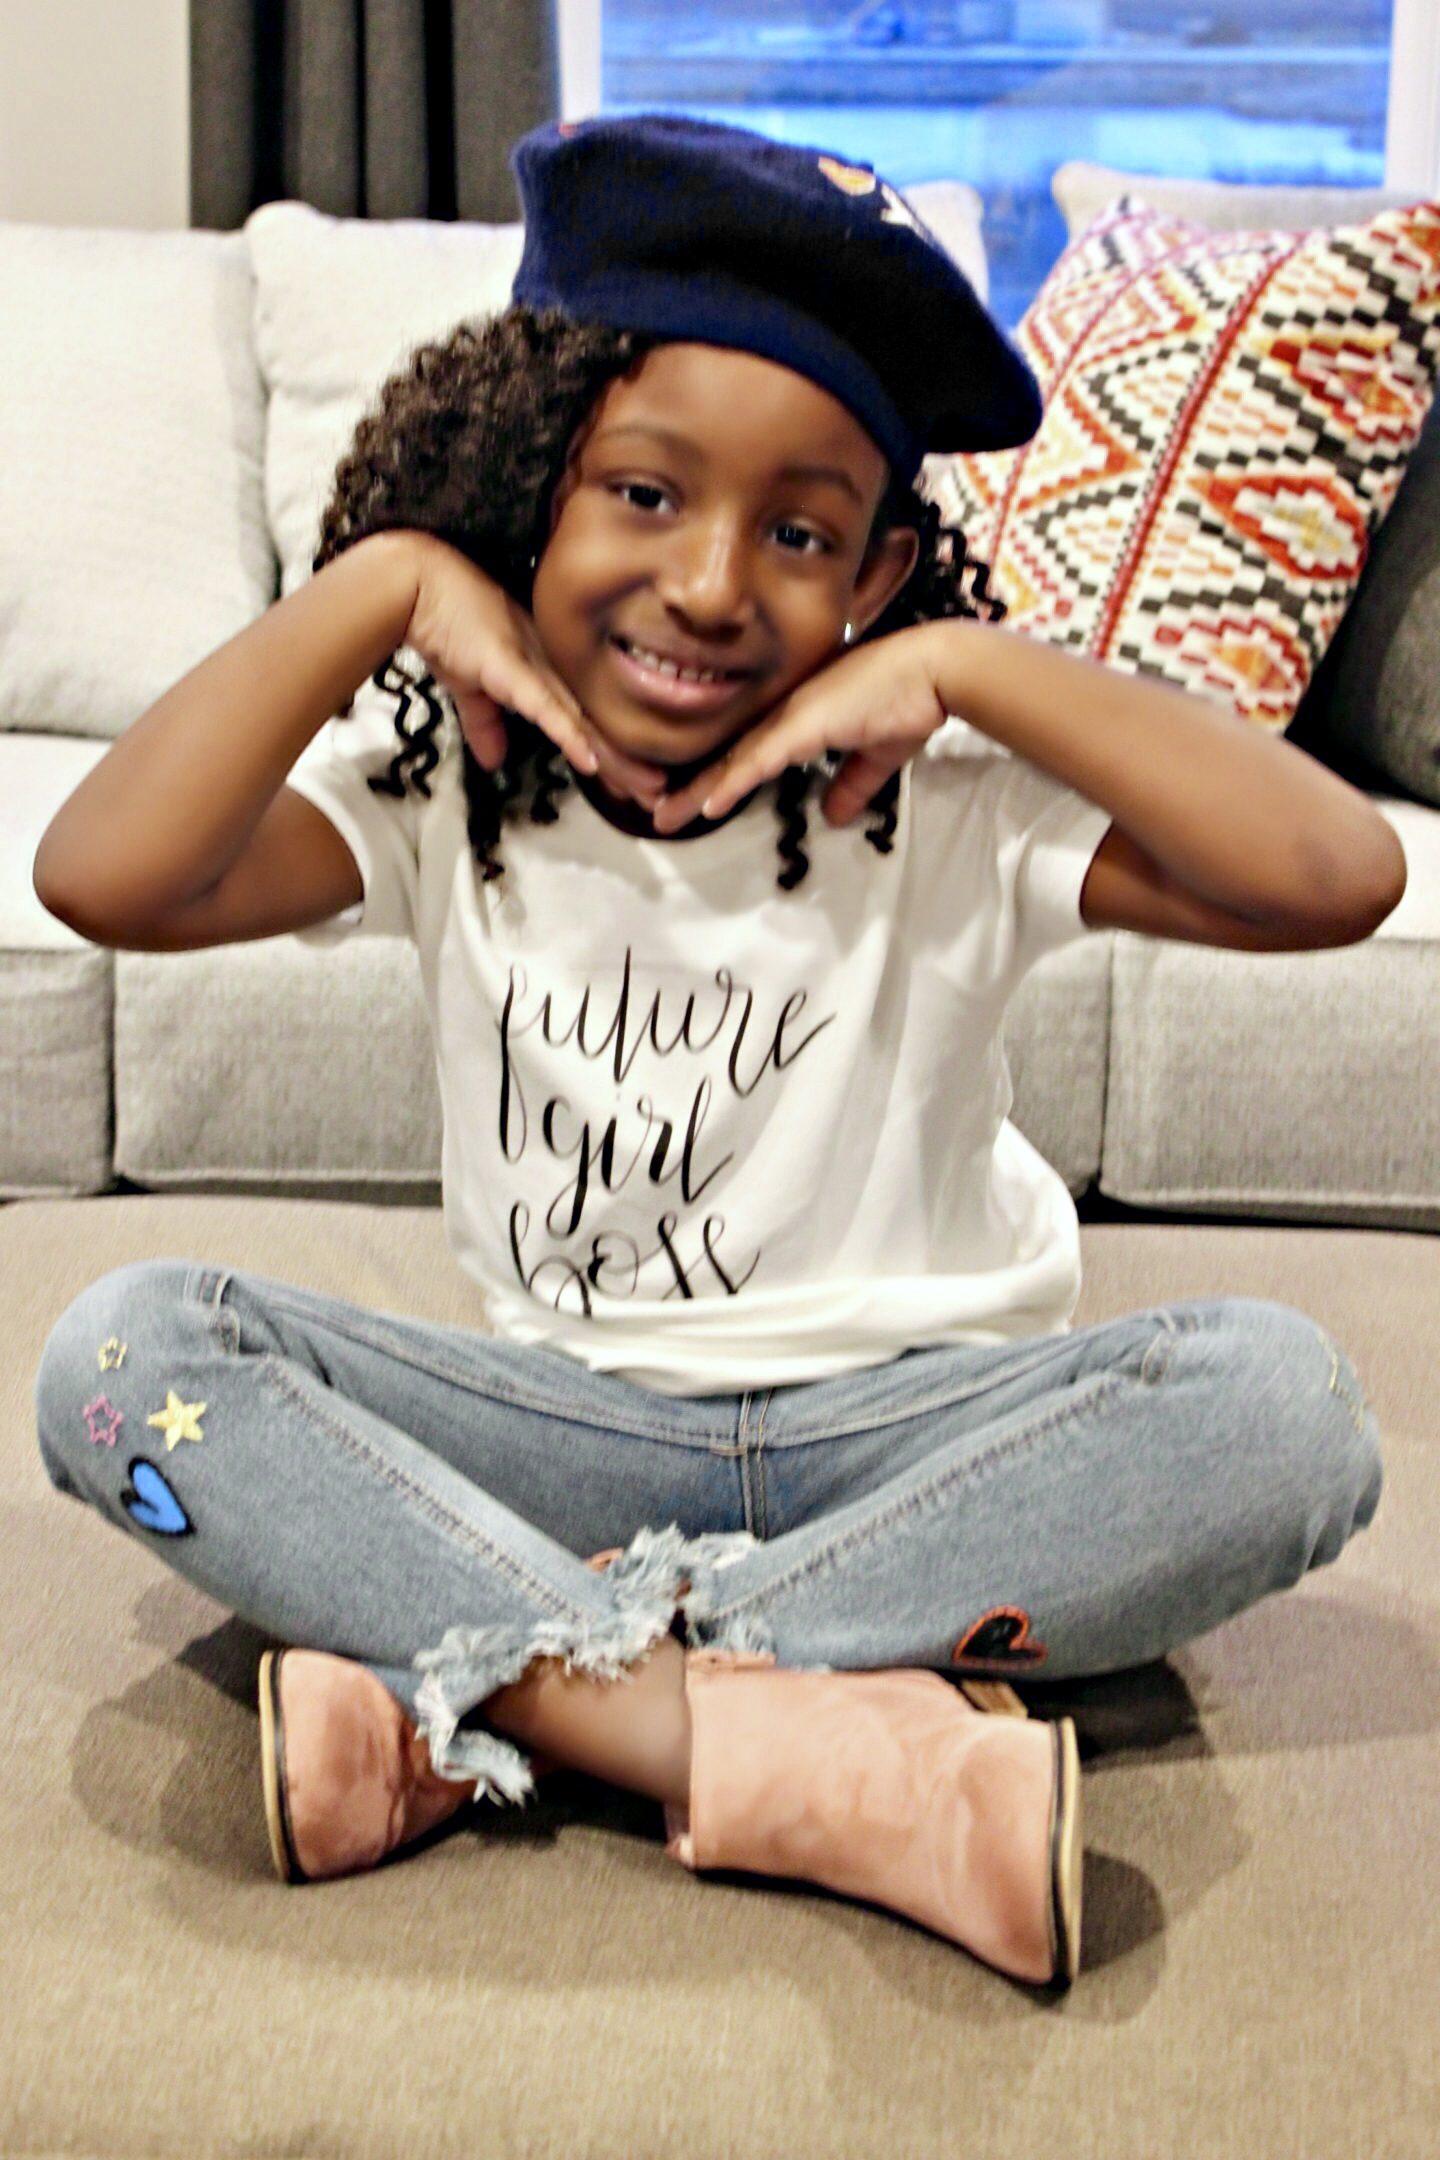 Beautiful-girl-in-future-girl boss-shirt